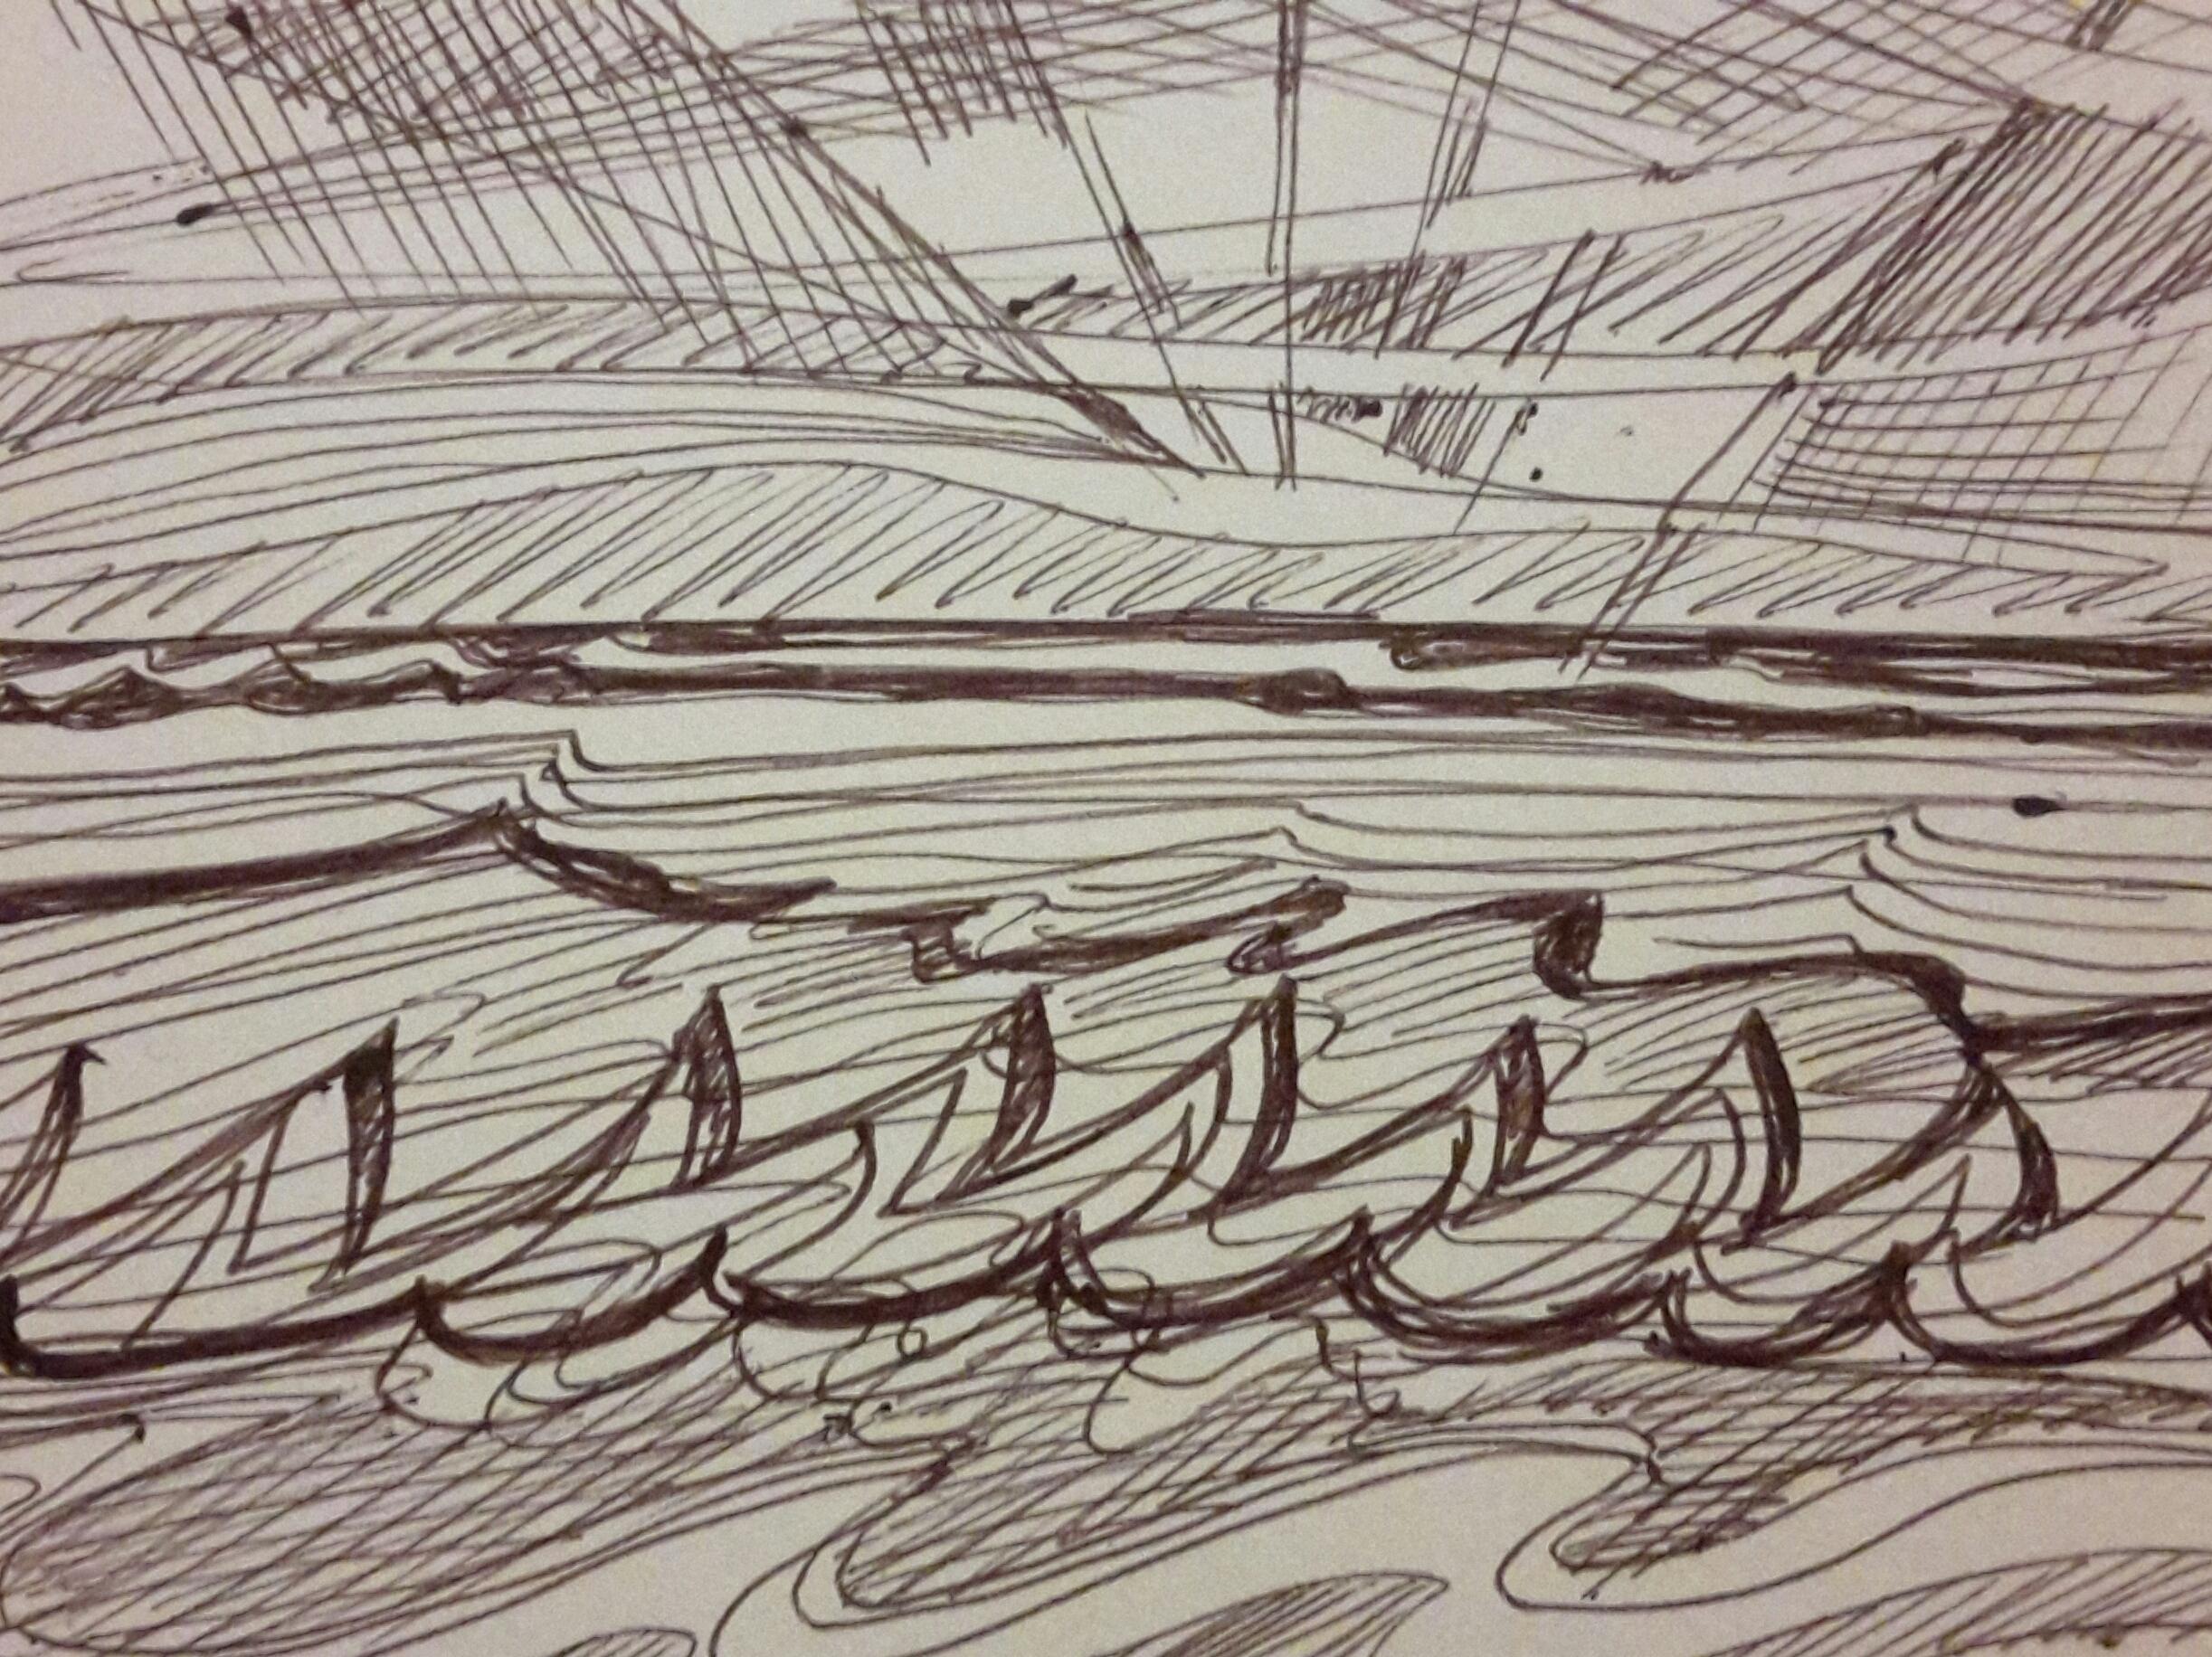 wave sketch